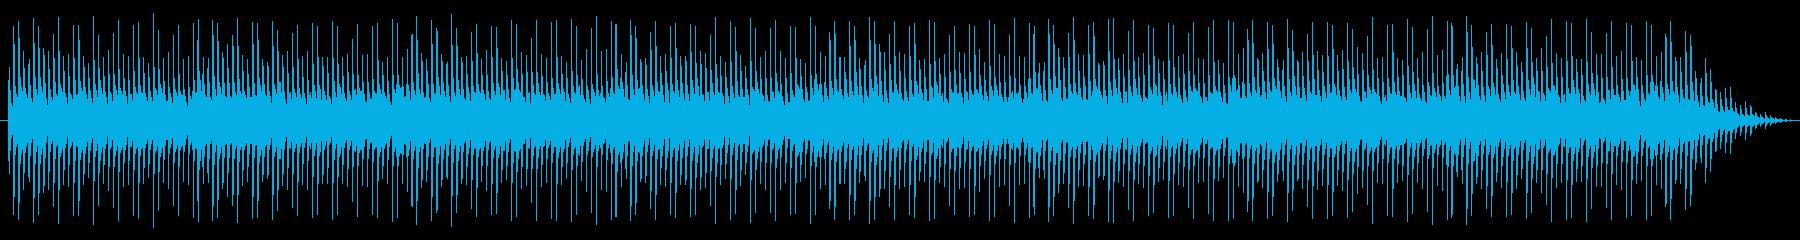 【ニュースBGM】事件の概要【ループ可】の再生済みの波形